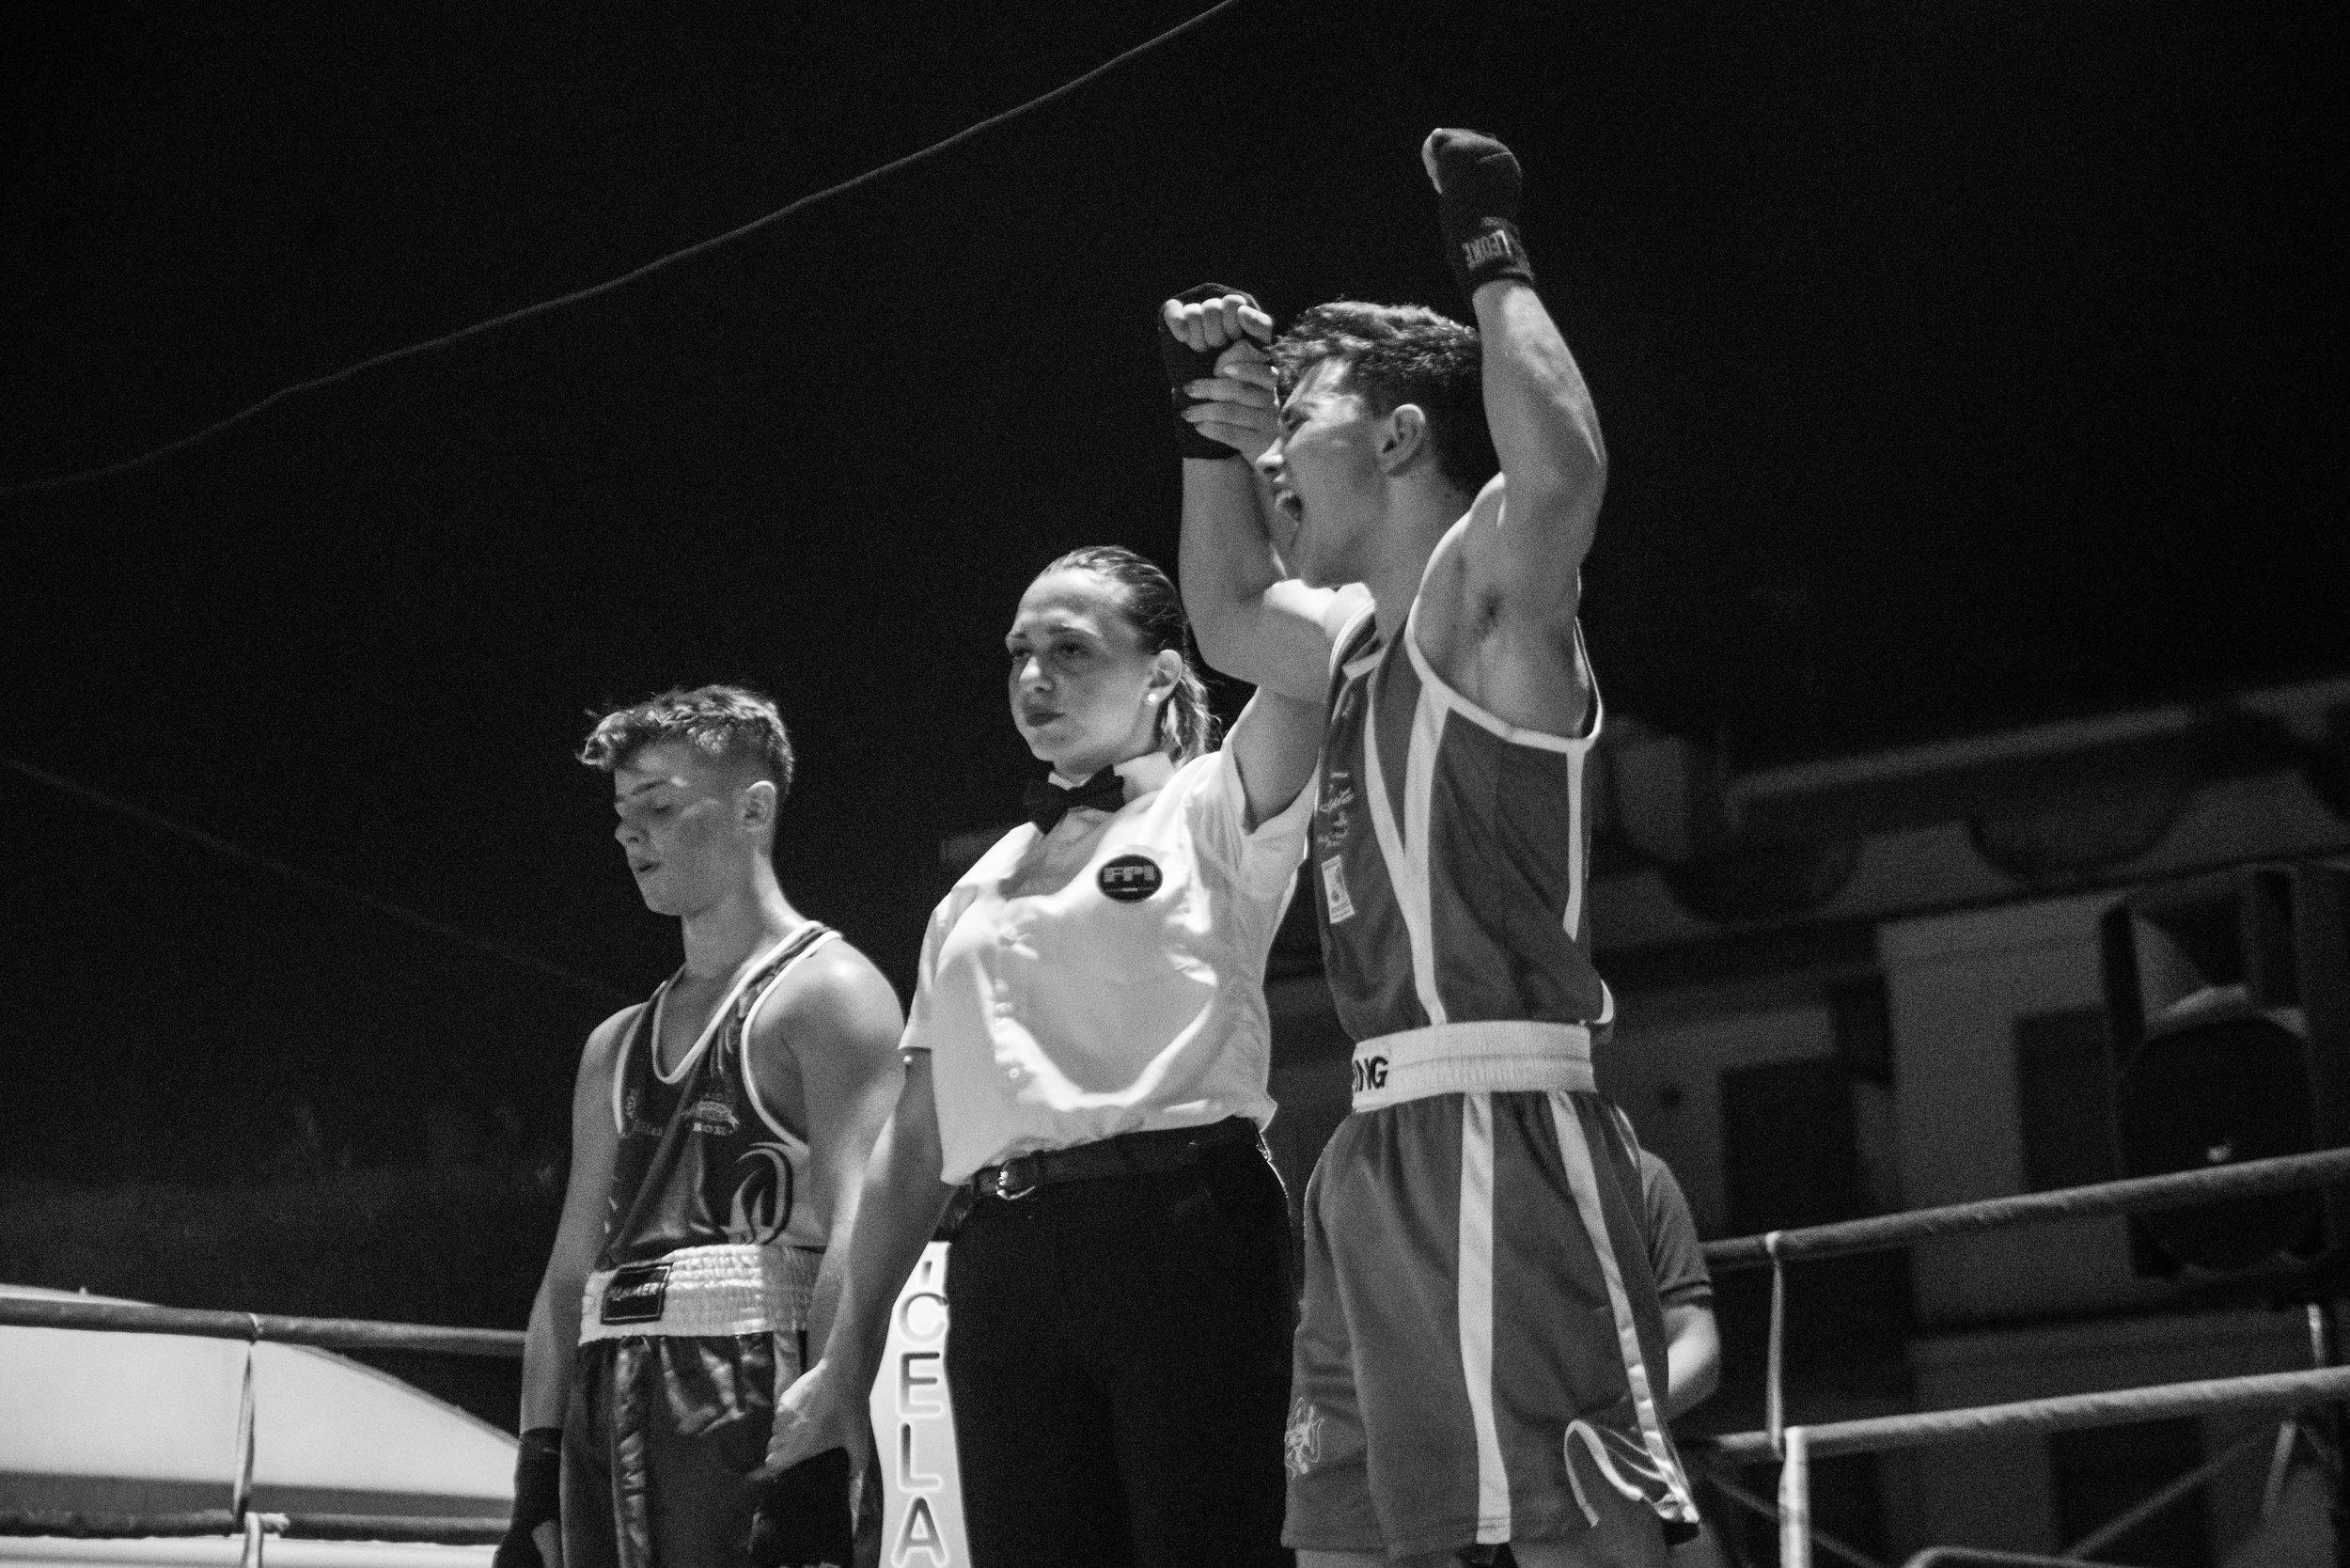 boxe saporito interregionali giugno 2019-44.jpg